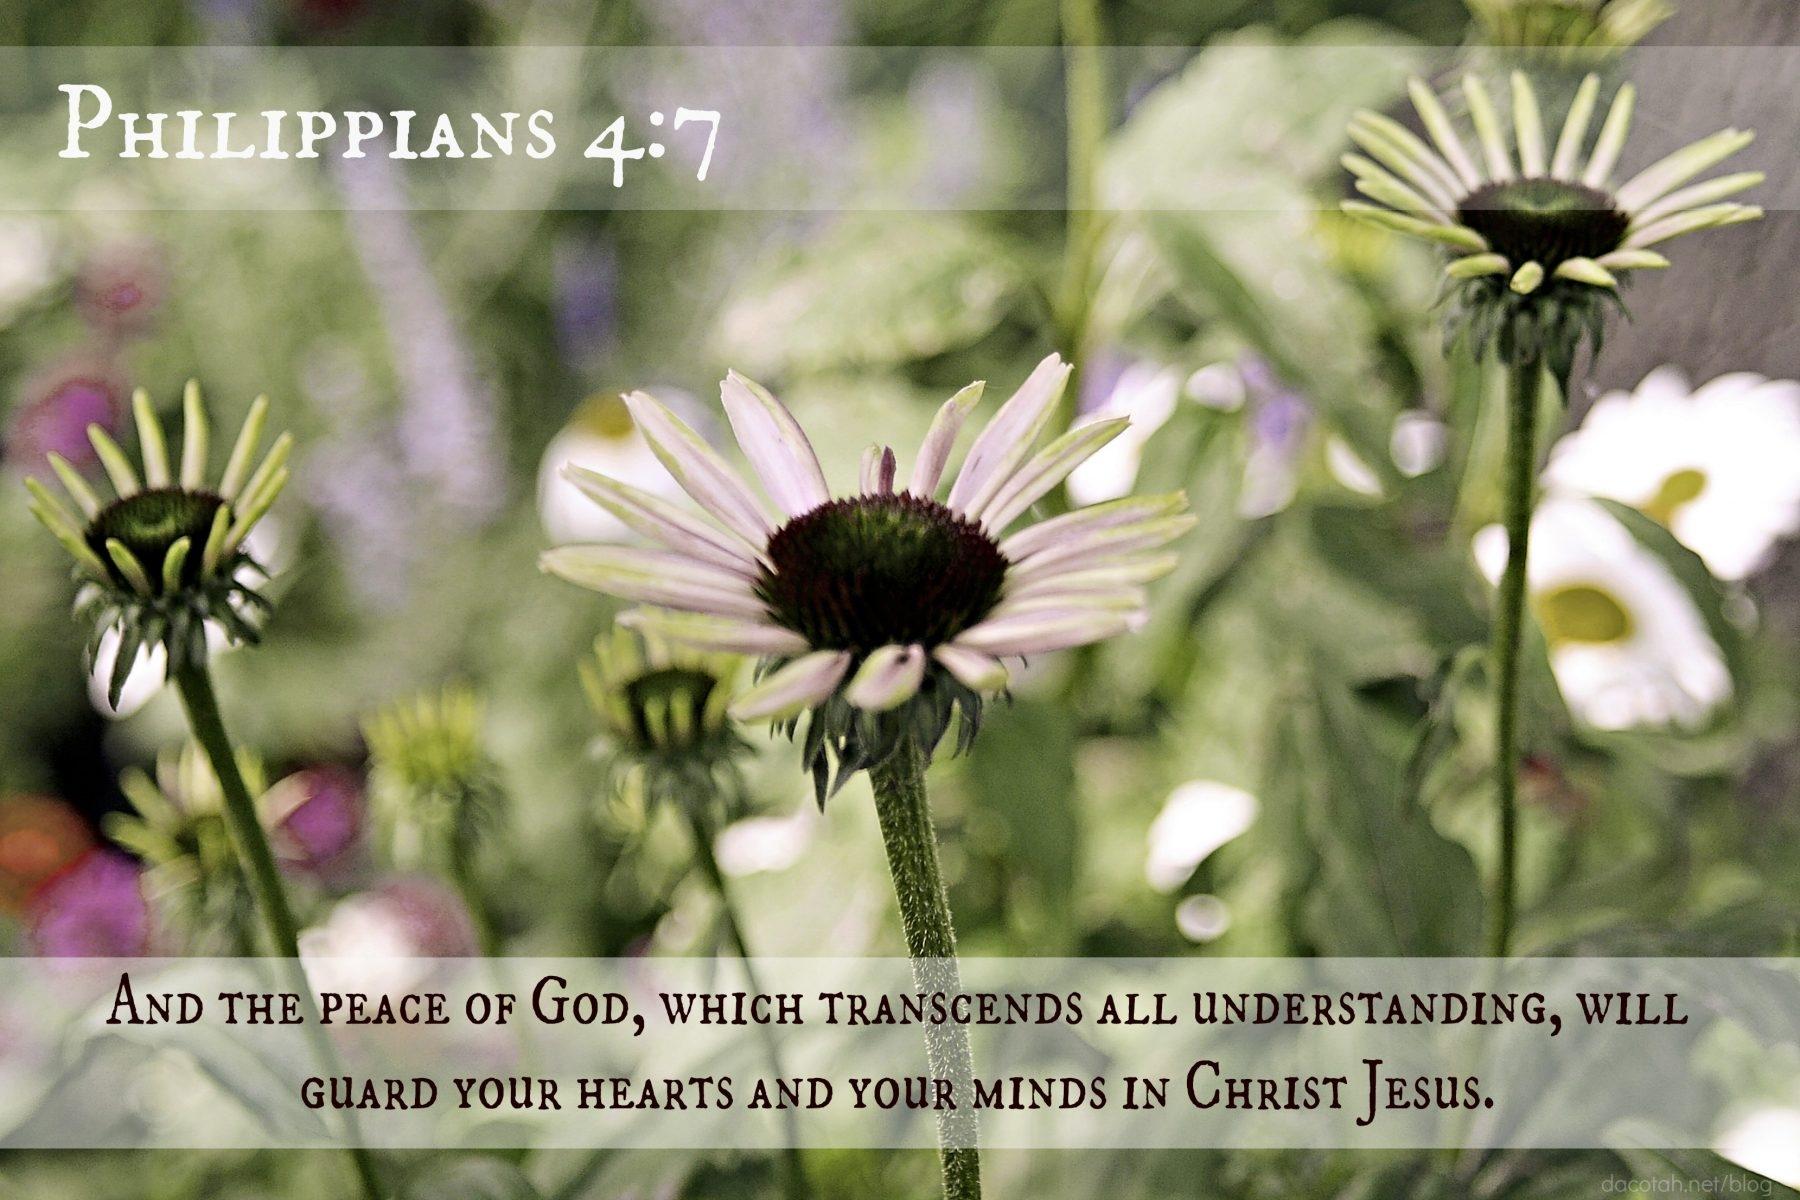 D2DL-Philippians4:7